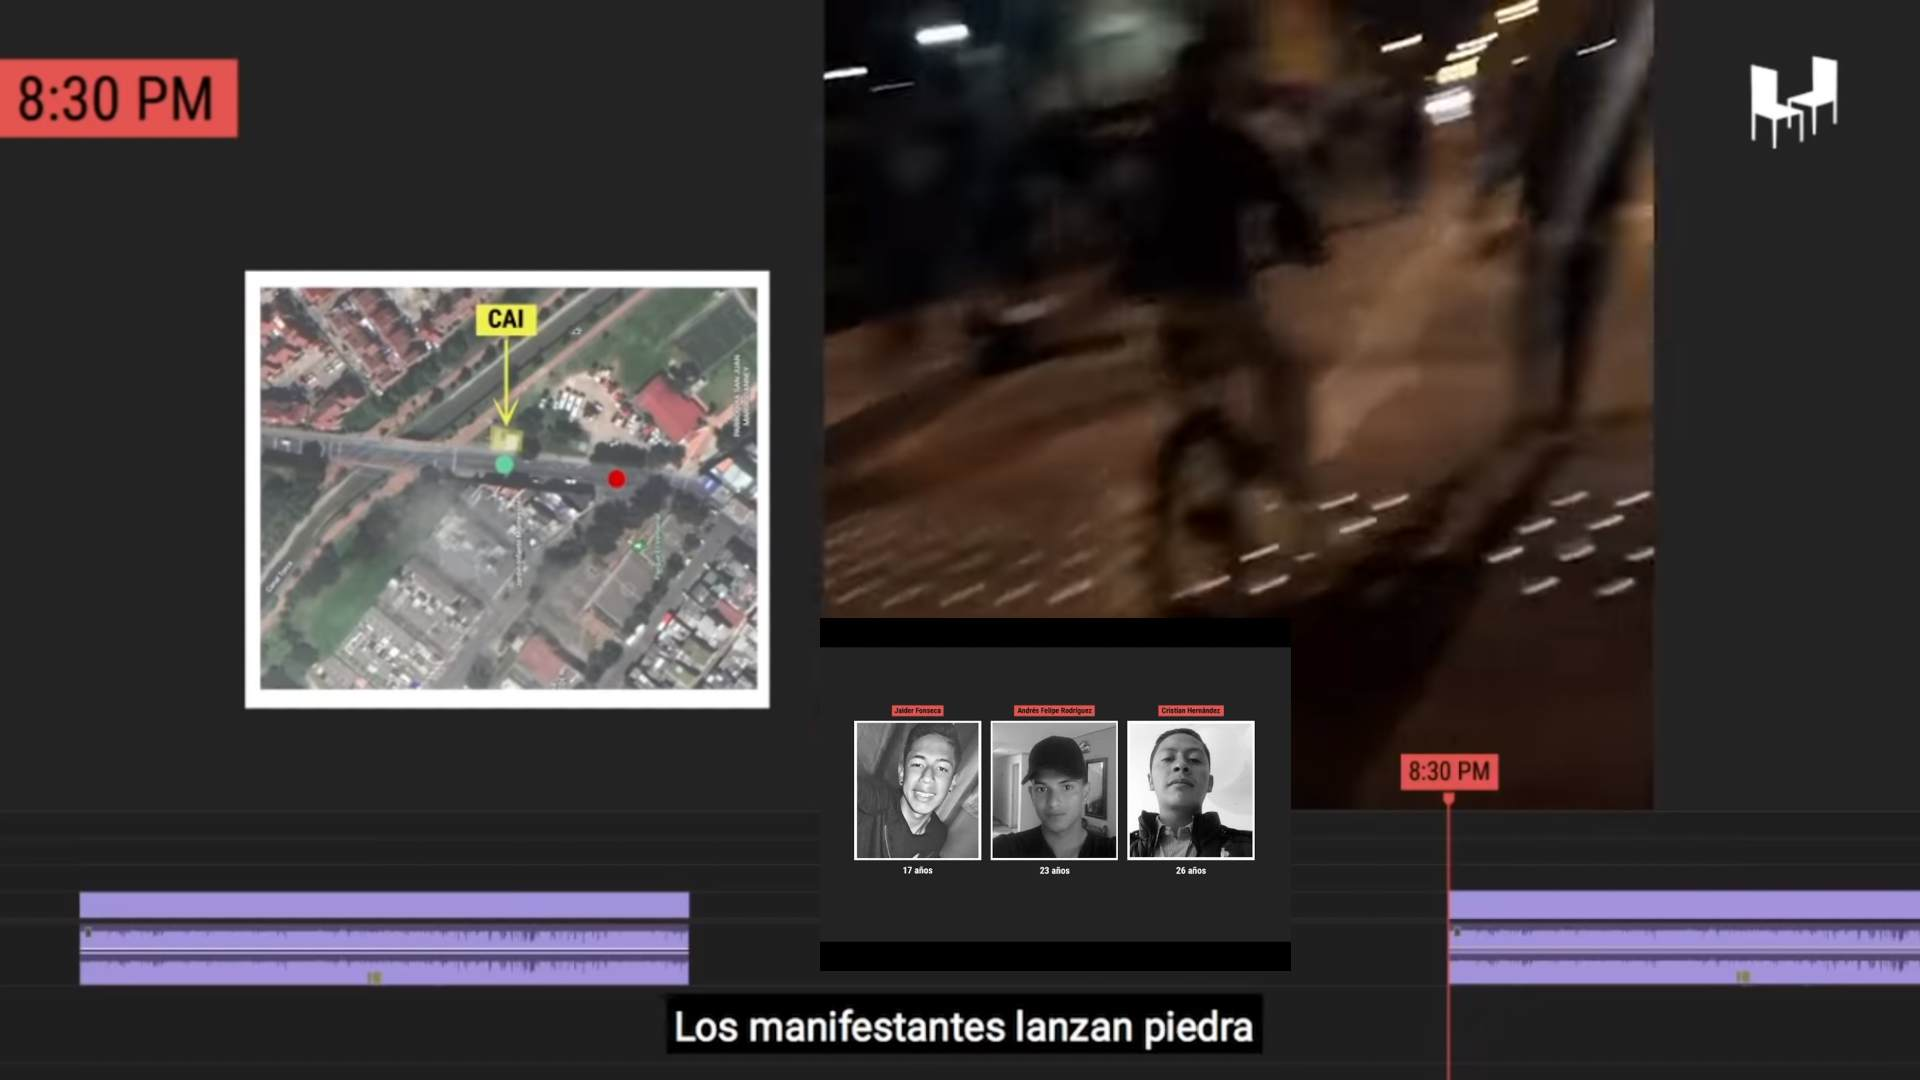 reconstruyó cómo el 9 de septiembre en el barrio Verbenal, de la localidad de Usaquén, en Bogotá, policías mataron a bala a Jaider Fonseca, Andrés Rodríguez y Cristian Hernández, jóvenes que participaron en las protestas por el asesinato de Javier Ordóñez, también a manos de policías.